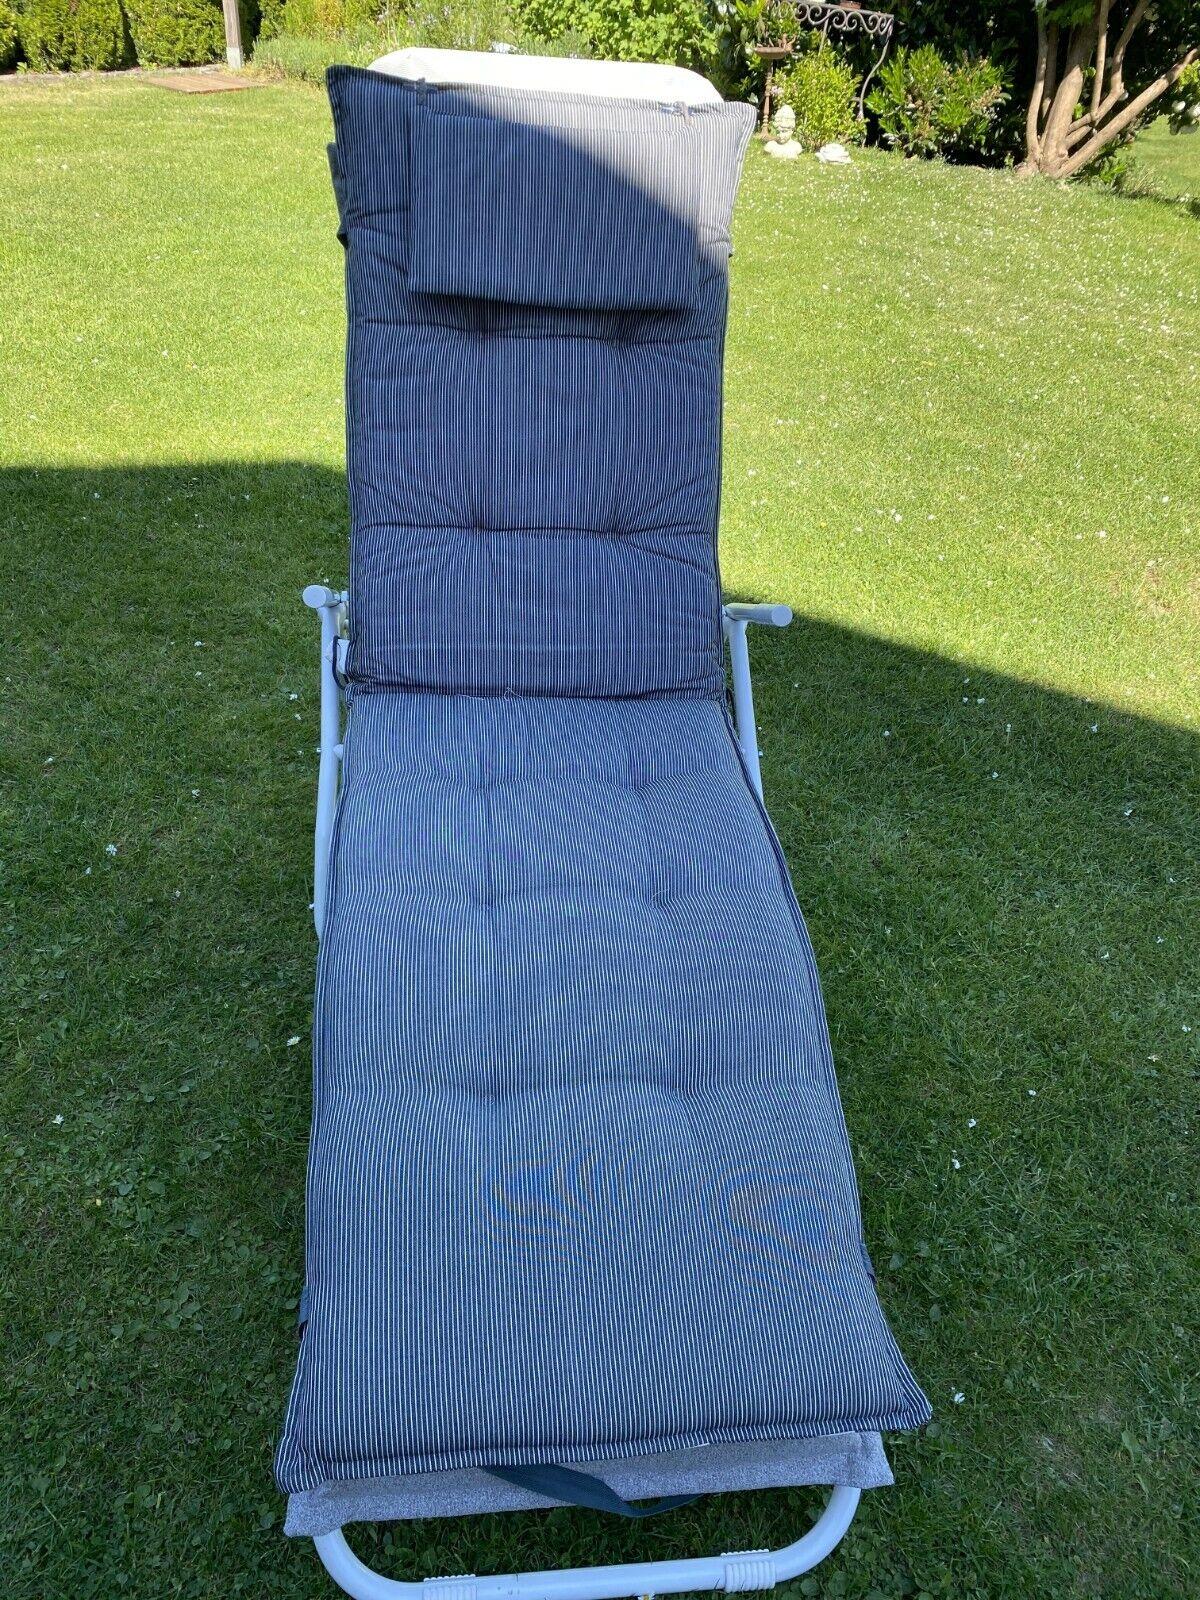 Liegenauflage für Gartenliege oder Deckchair, wie neu